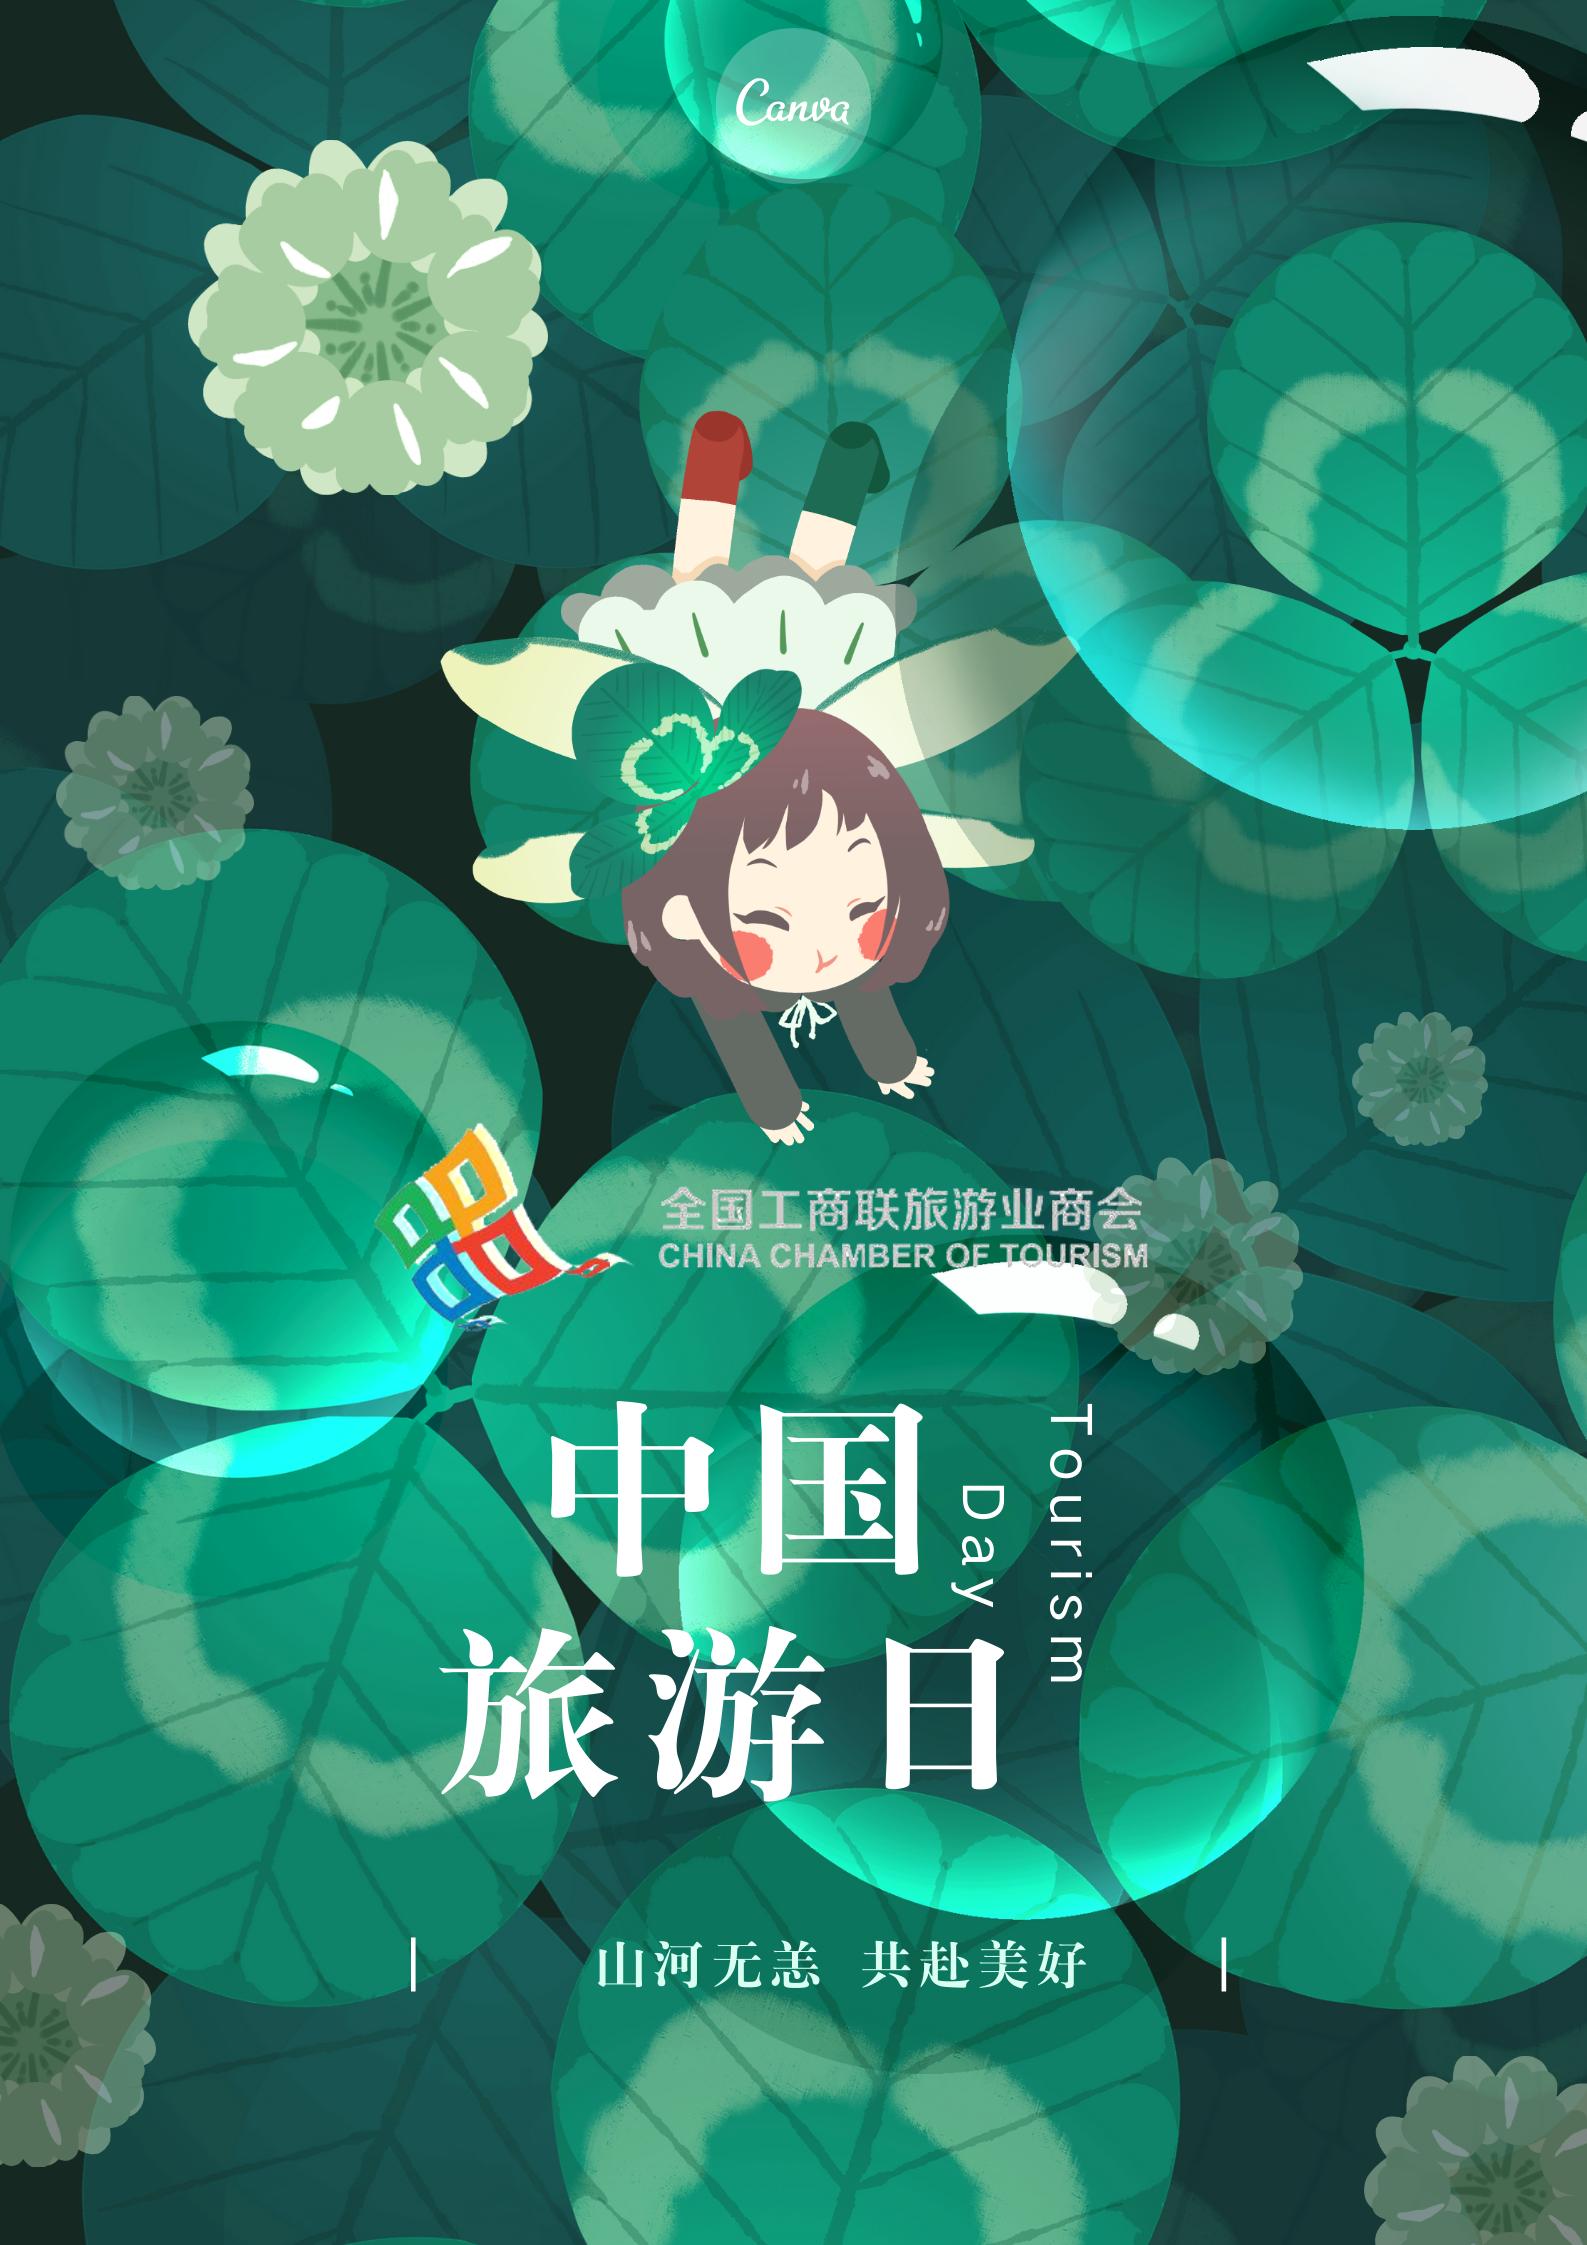 中国旅游日